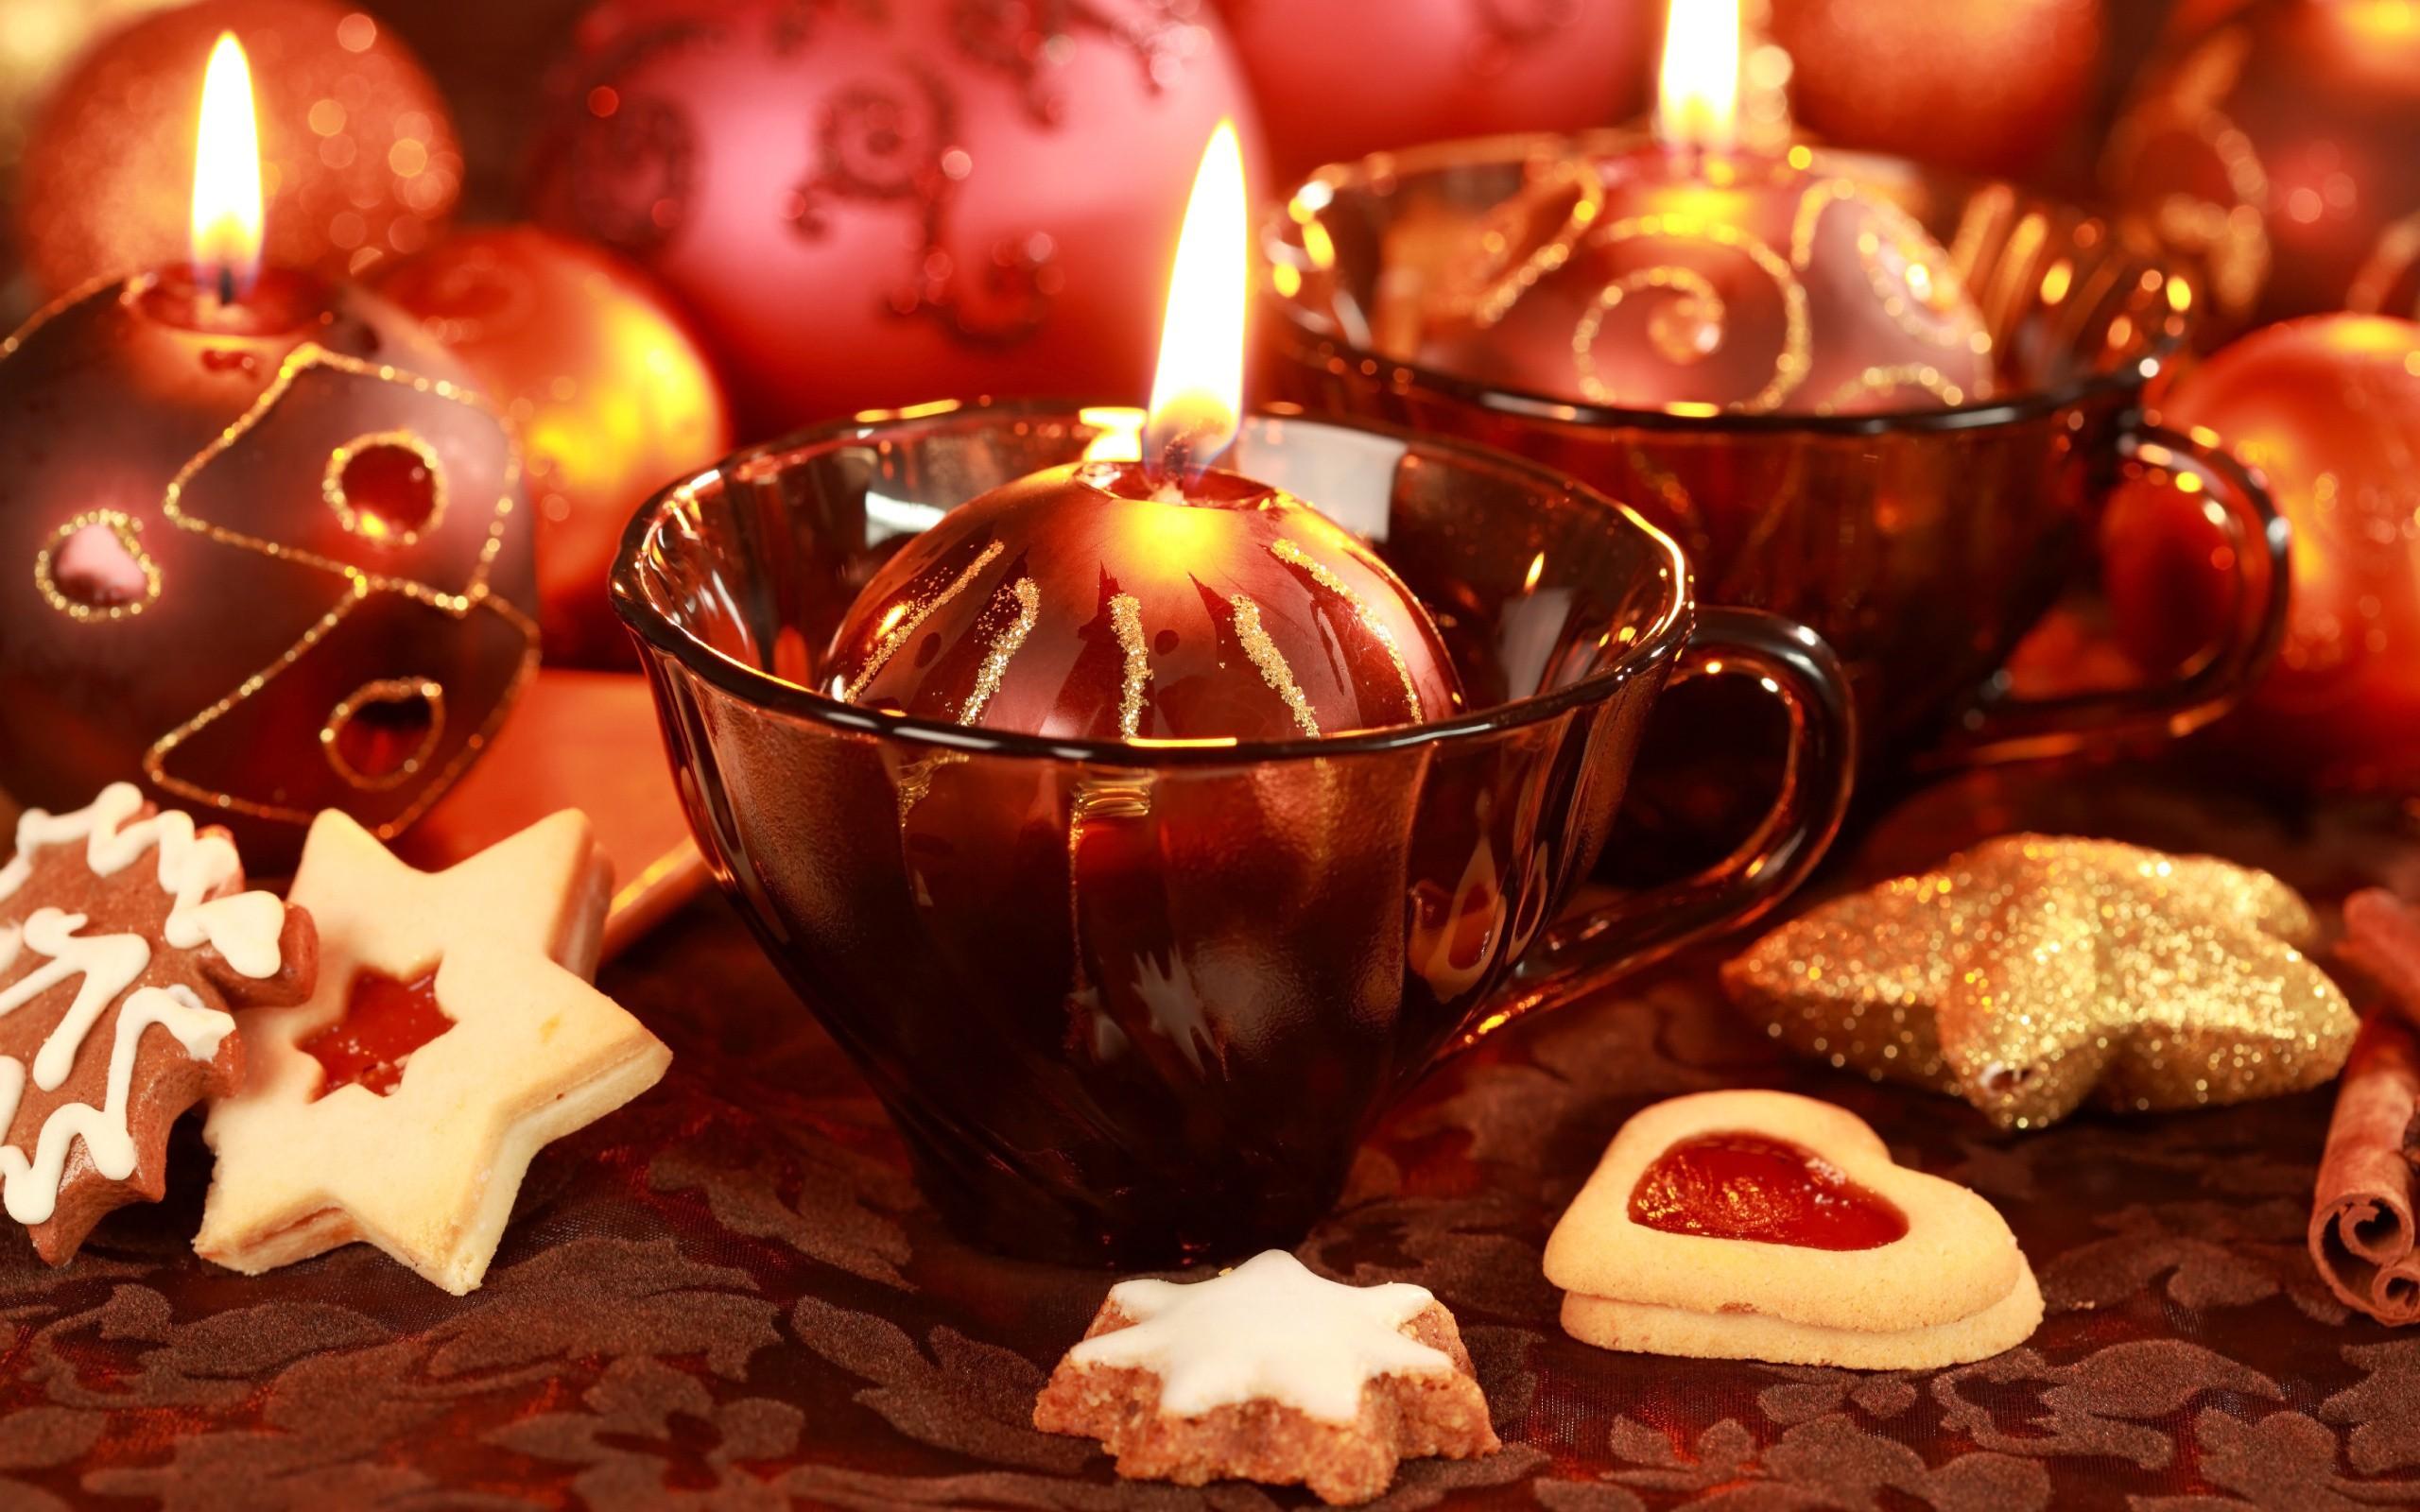 Открытки сделанные, красивые картинки новый год и рождество на рабочий стол